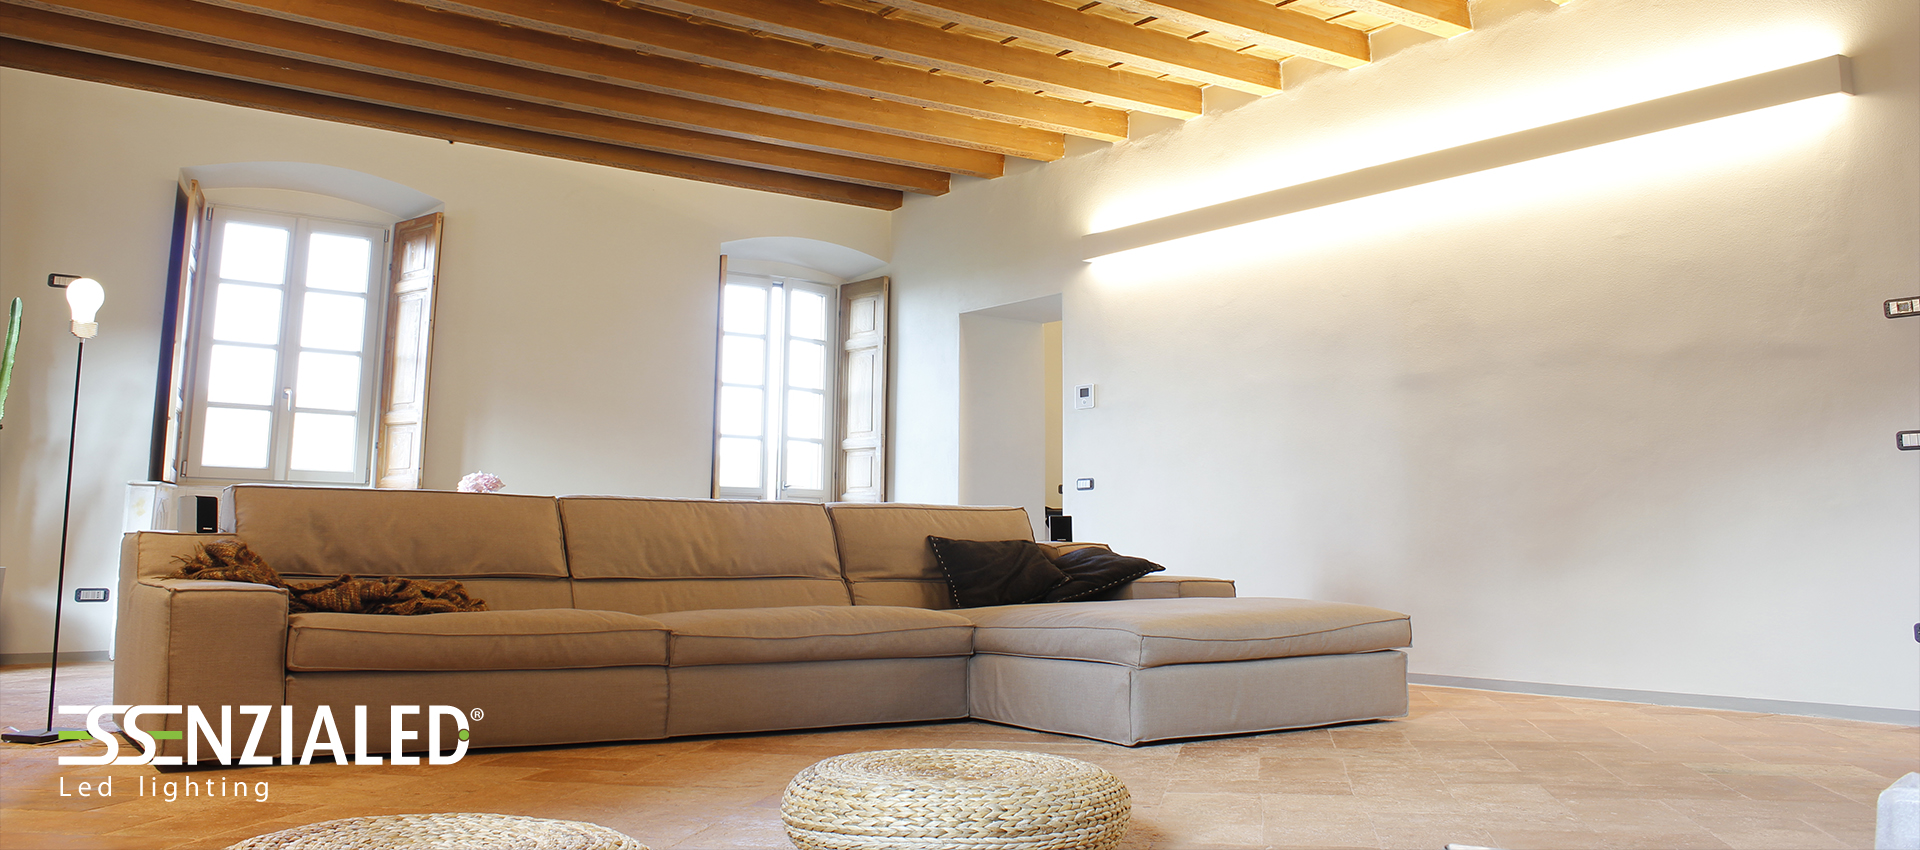 Righello Essenzialed - Il design essenziale Applique da pareteEssenzialed – Illuminazione a led